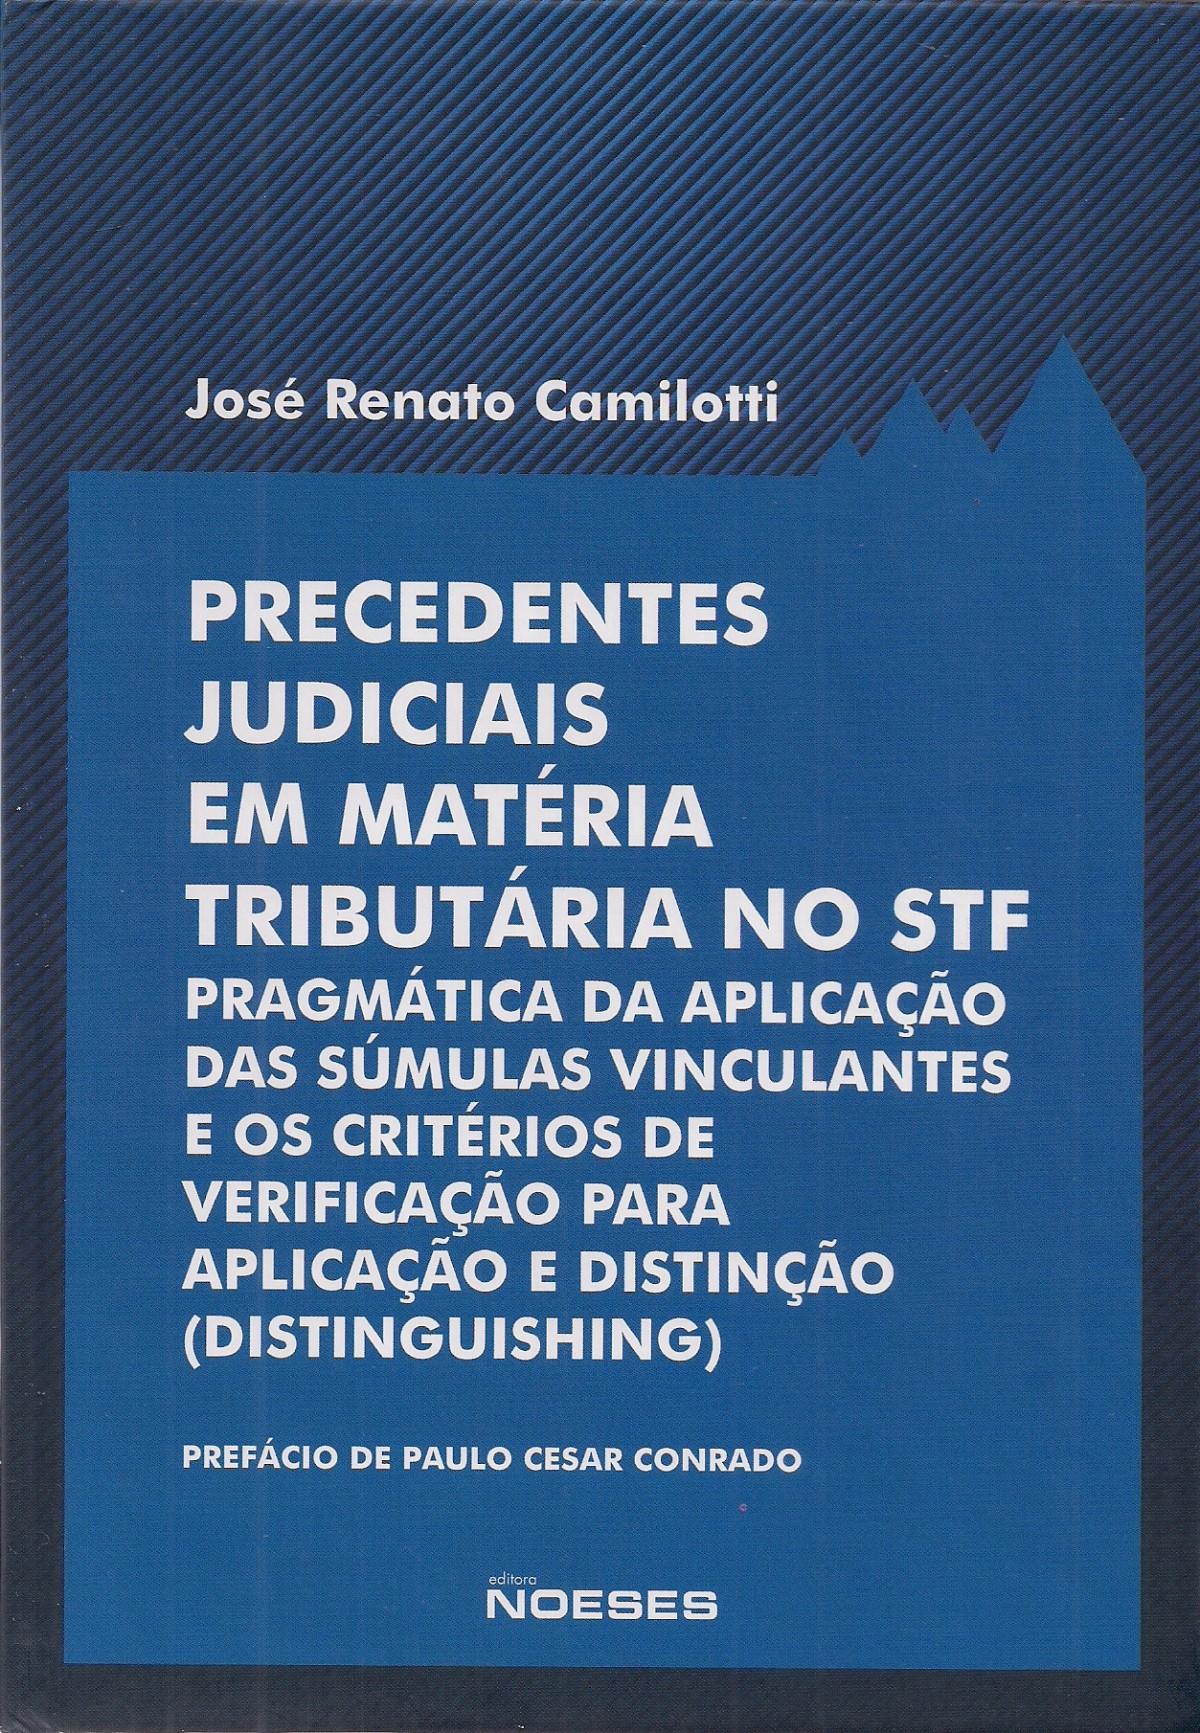 Foto 1 - Precedentes Judiciais em Matéria Tributária no STF